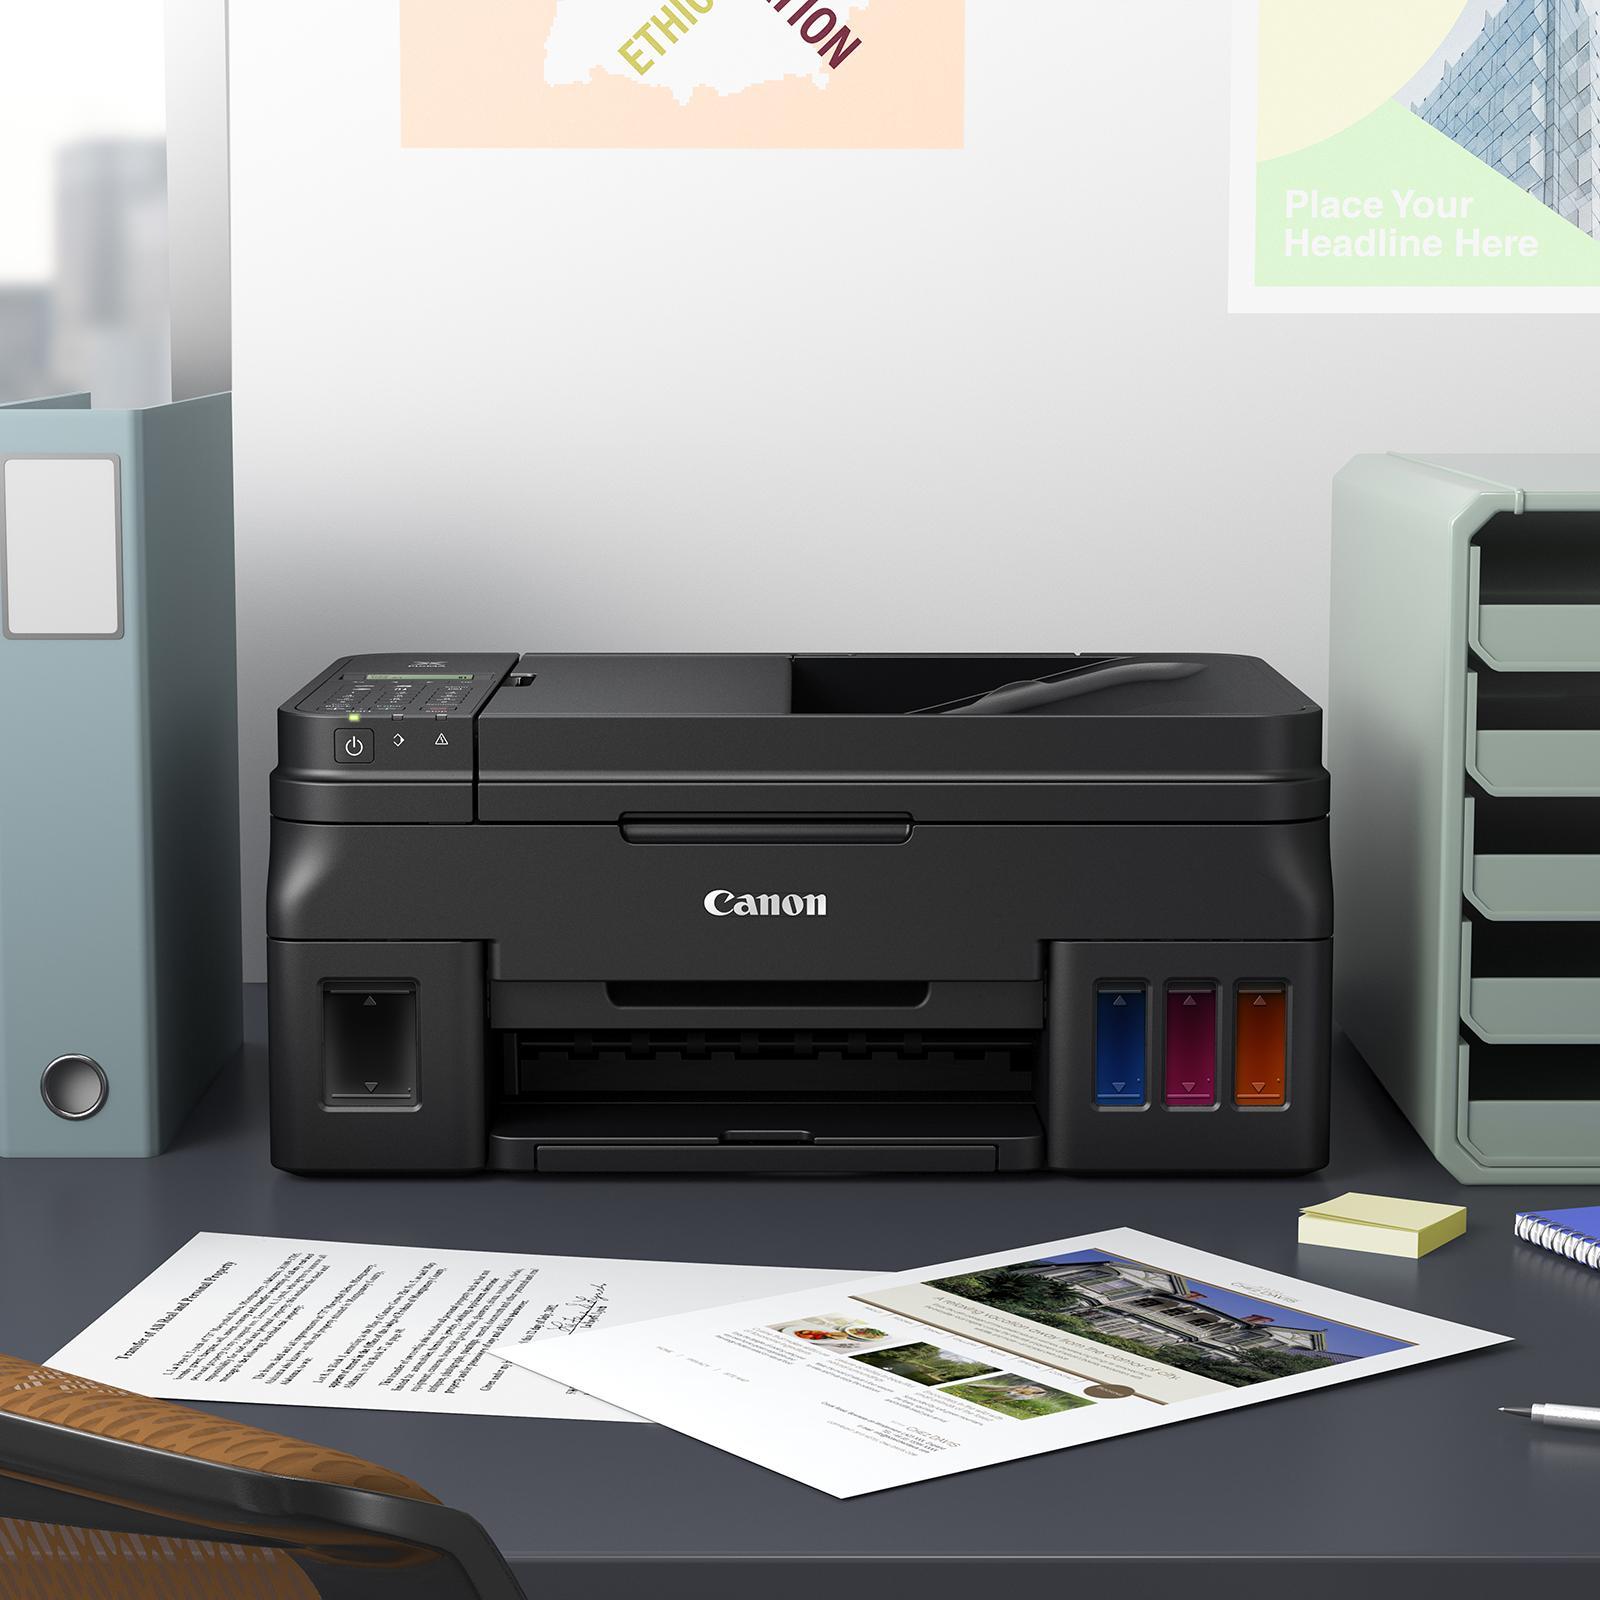 Canon Pixma G4210 Megatank All In One Inkjet Printer Zola